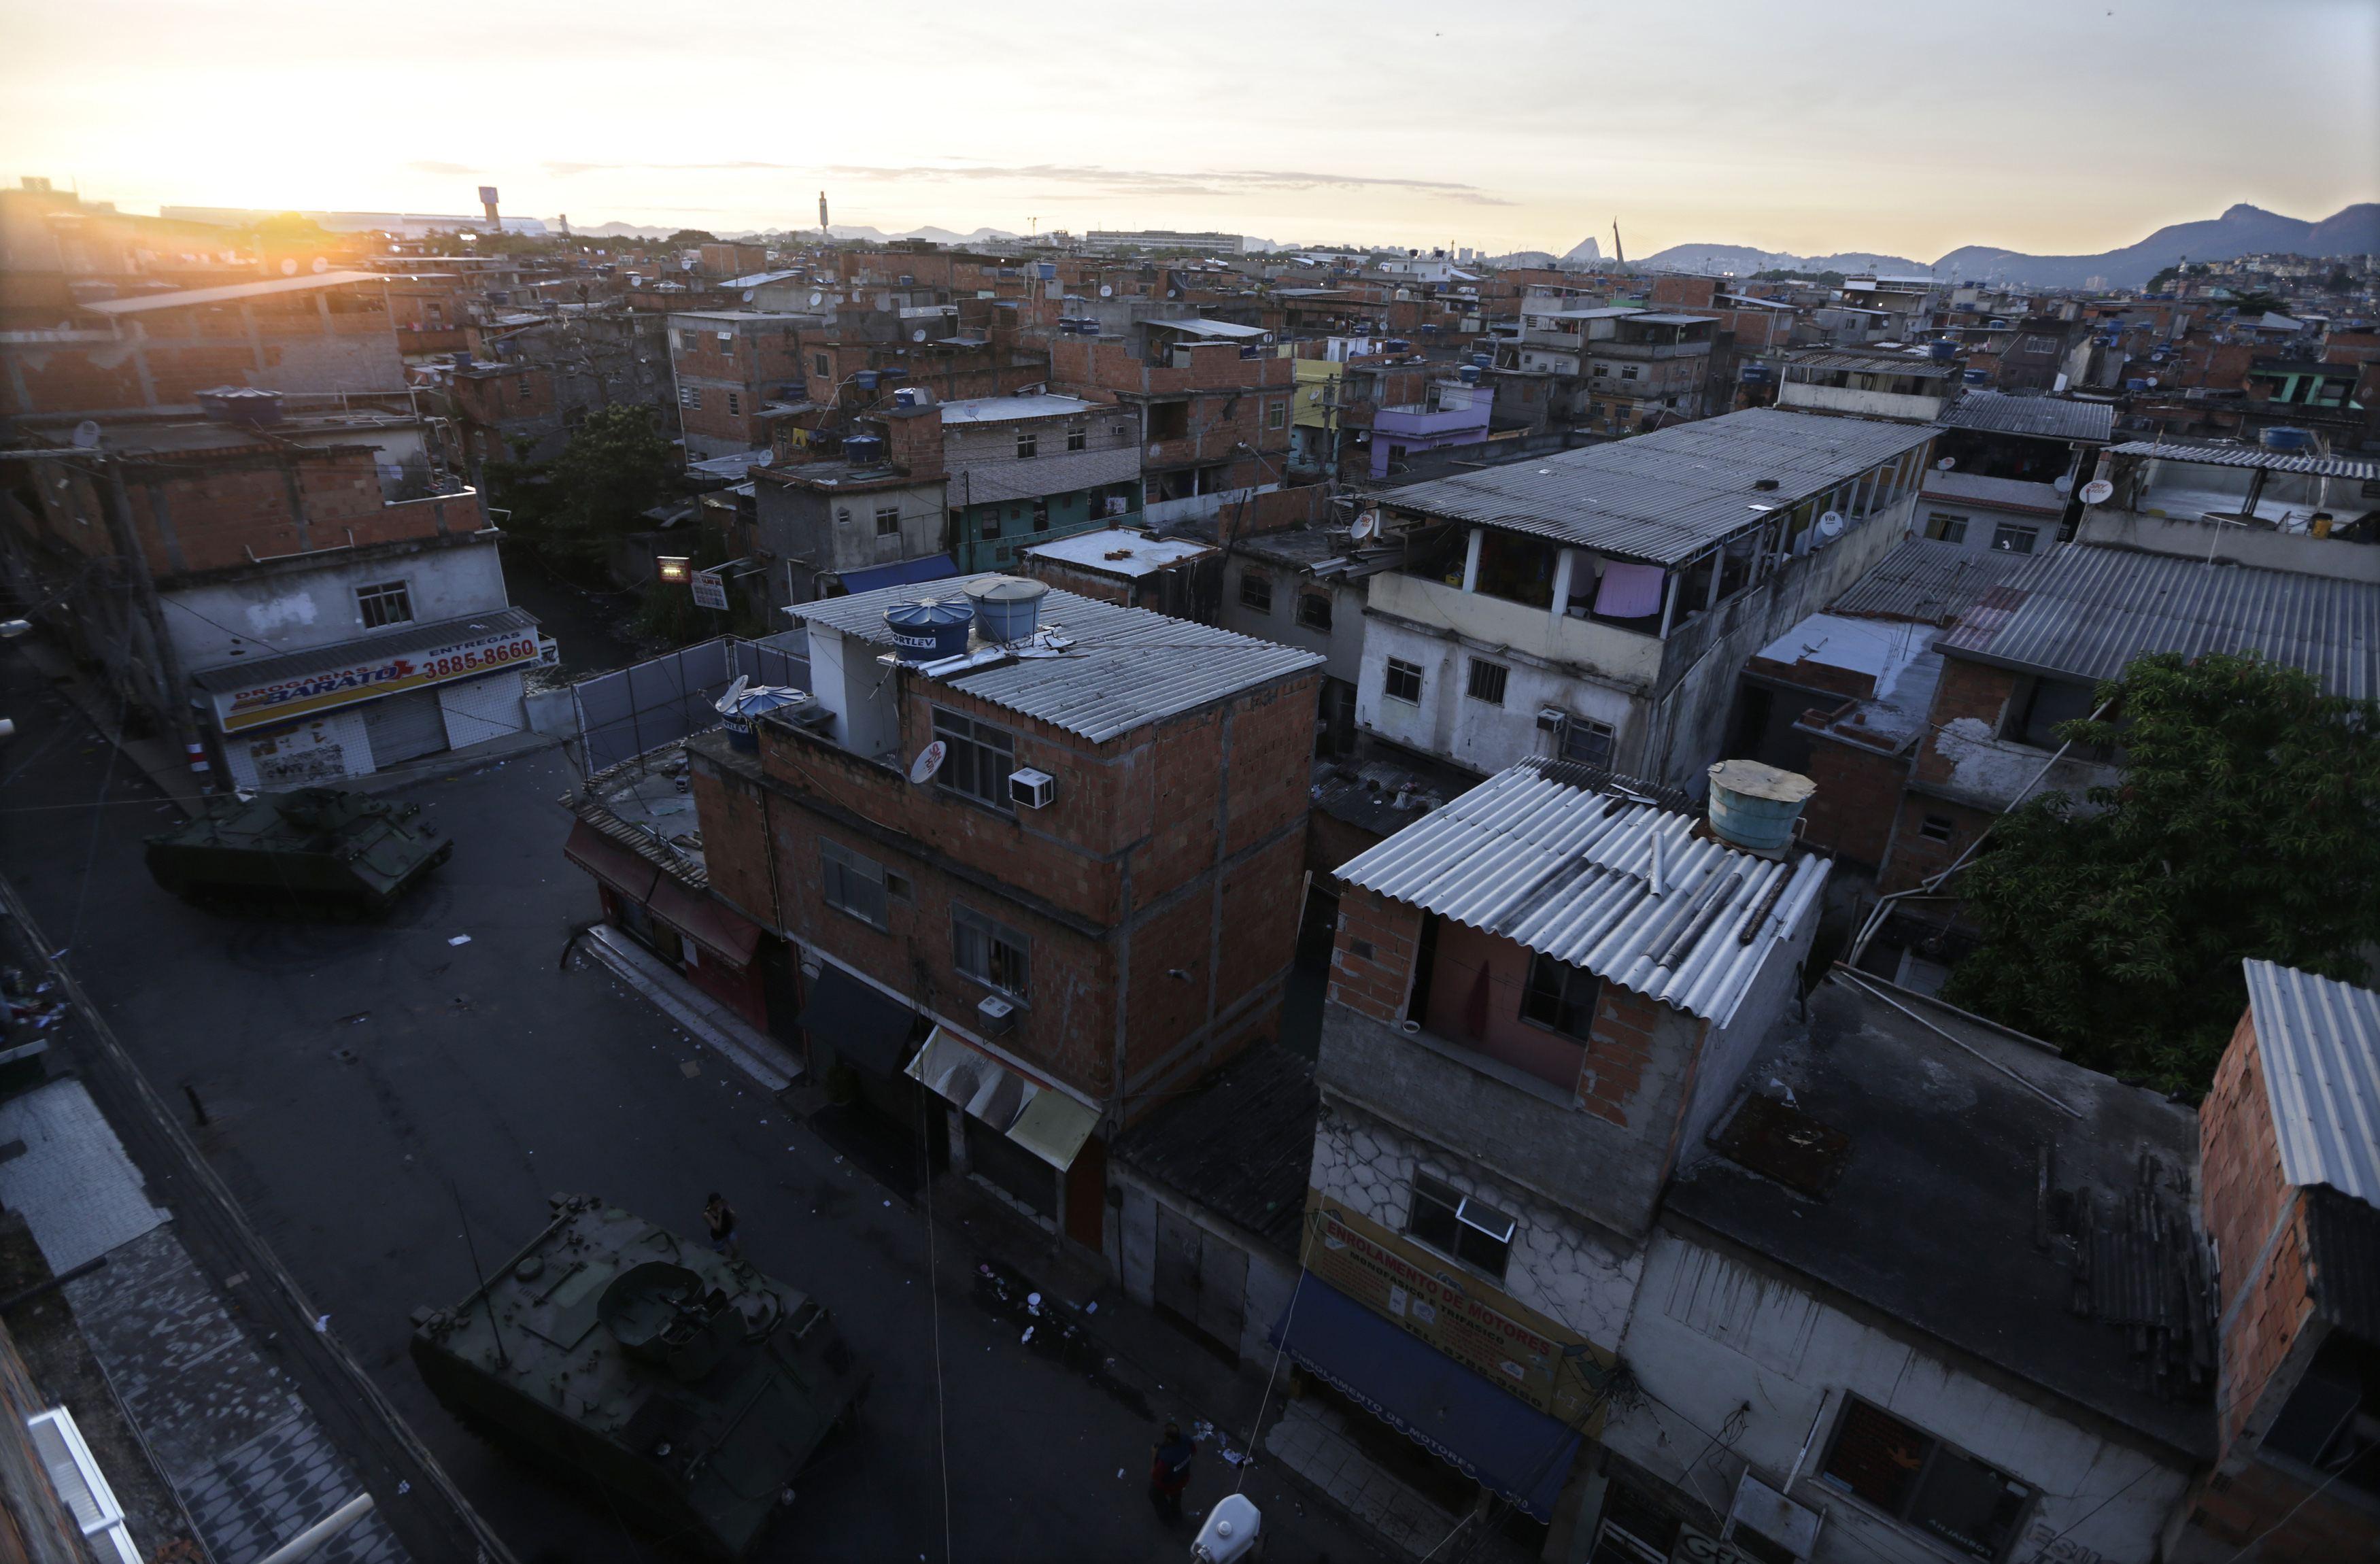 Blindados da Marinha brasileira, utilizados na ocupação do Complexo da Maré, passam por ruas da favela | Ricardo Moraes/Reuters